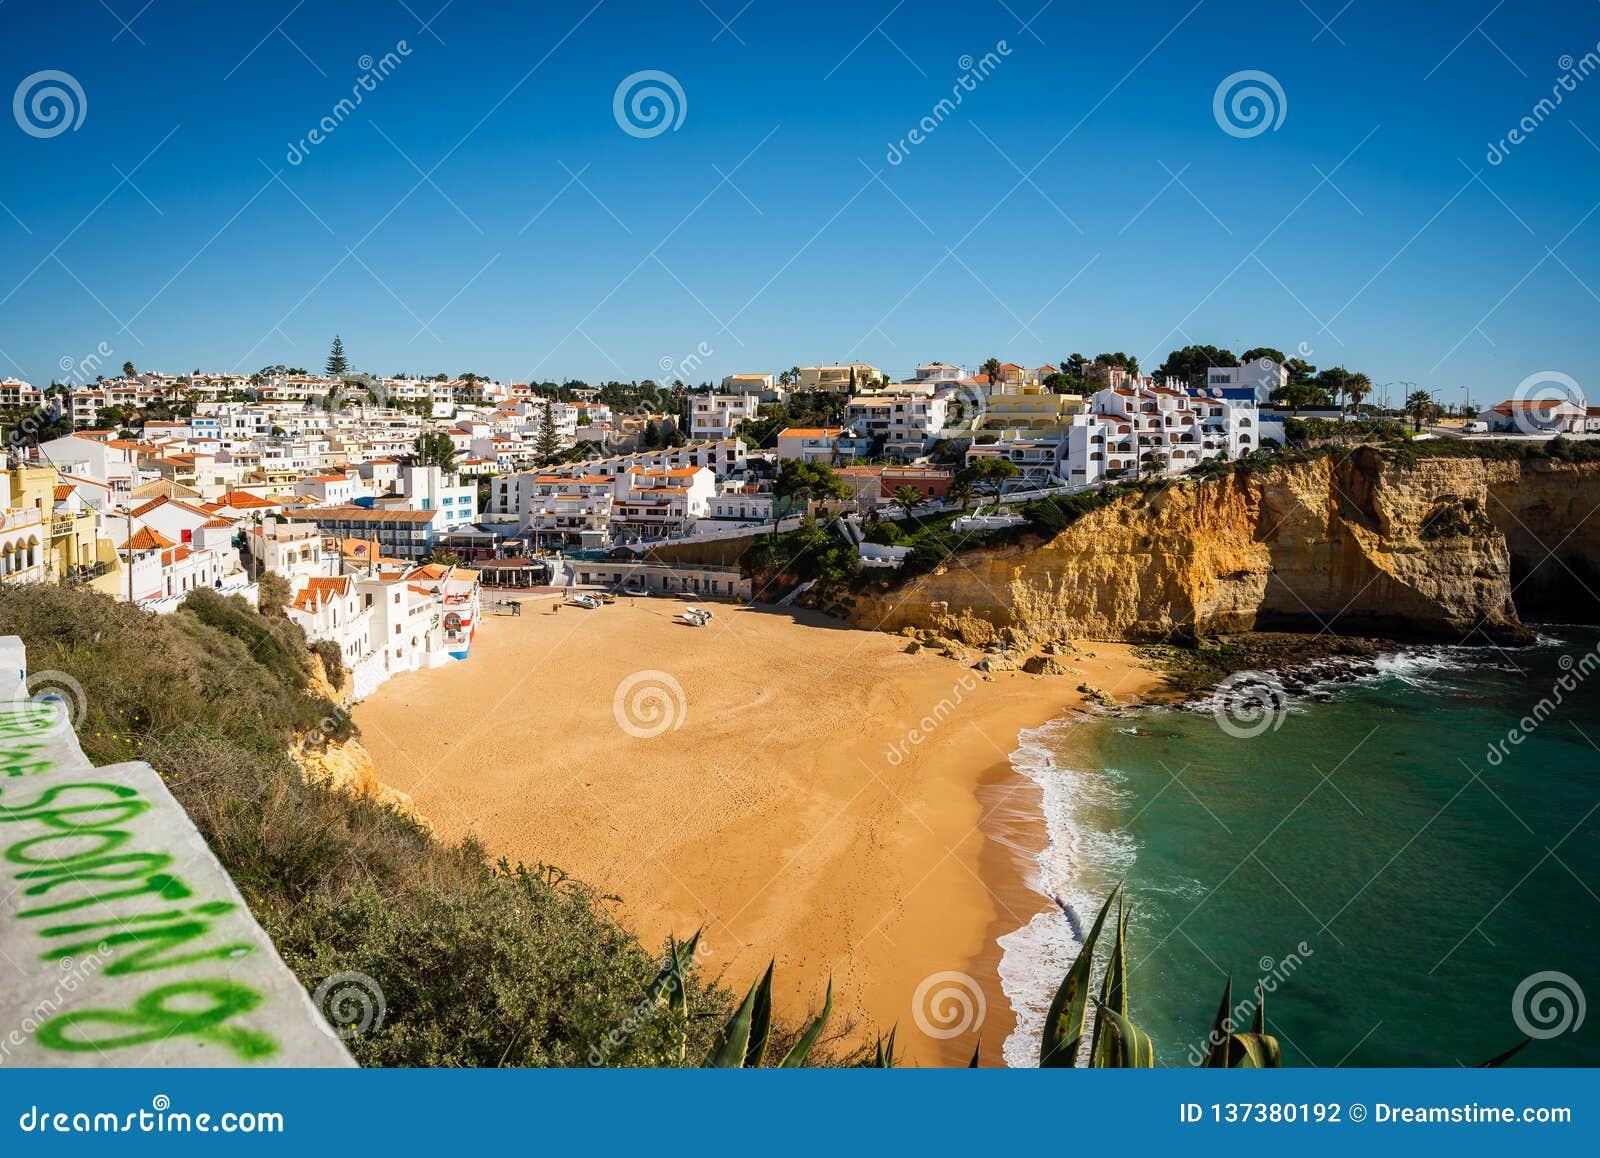 Patrzeć Carvoeiro plażę w Portugalia